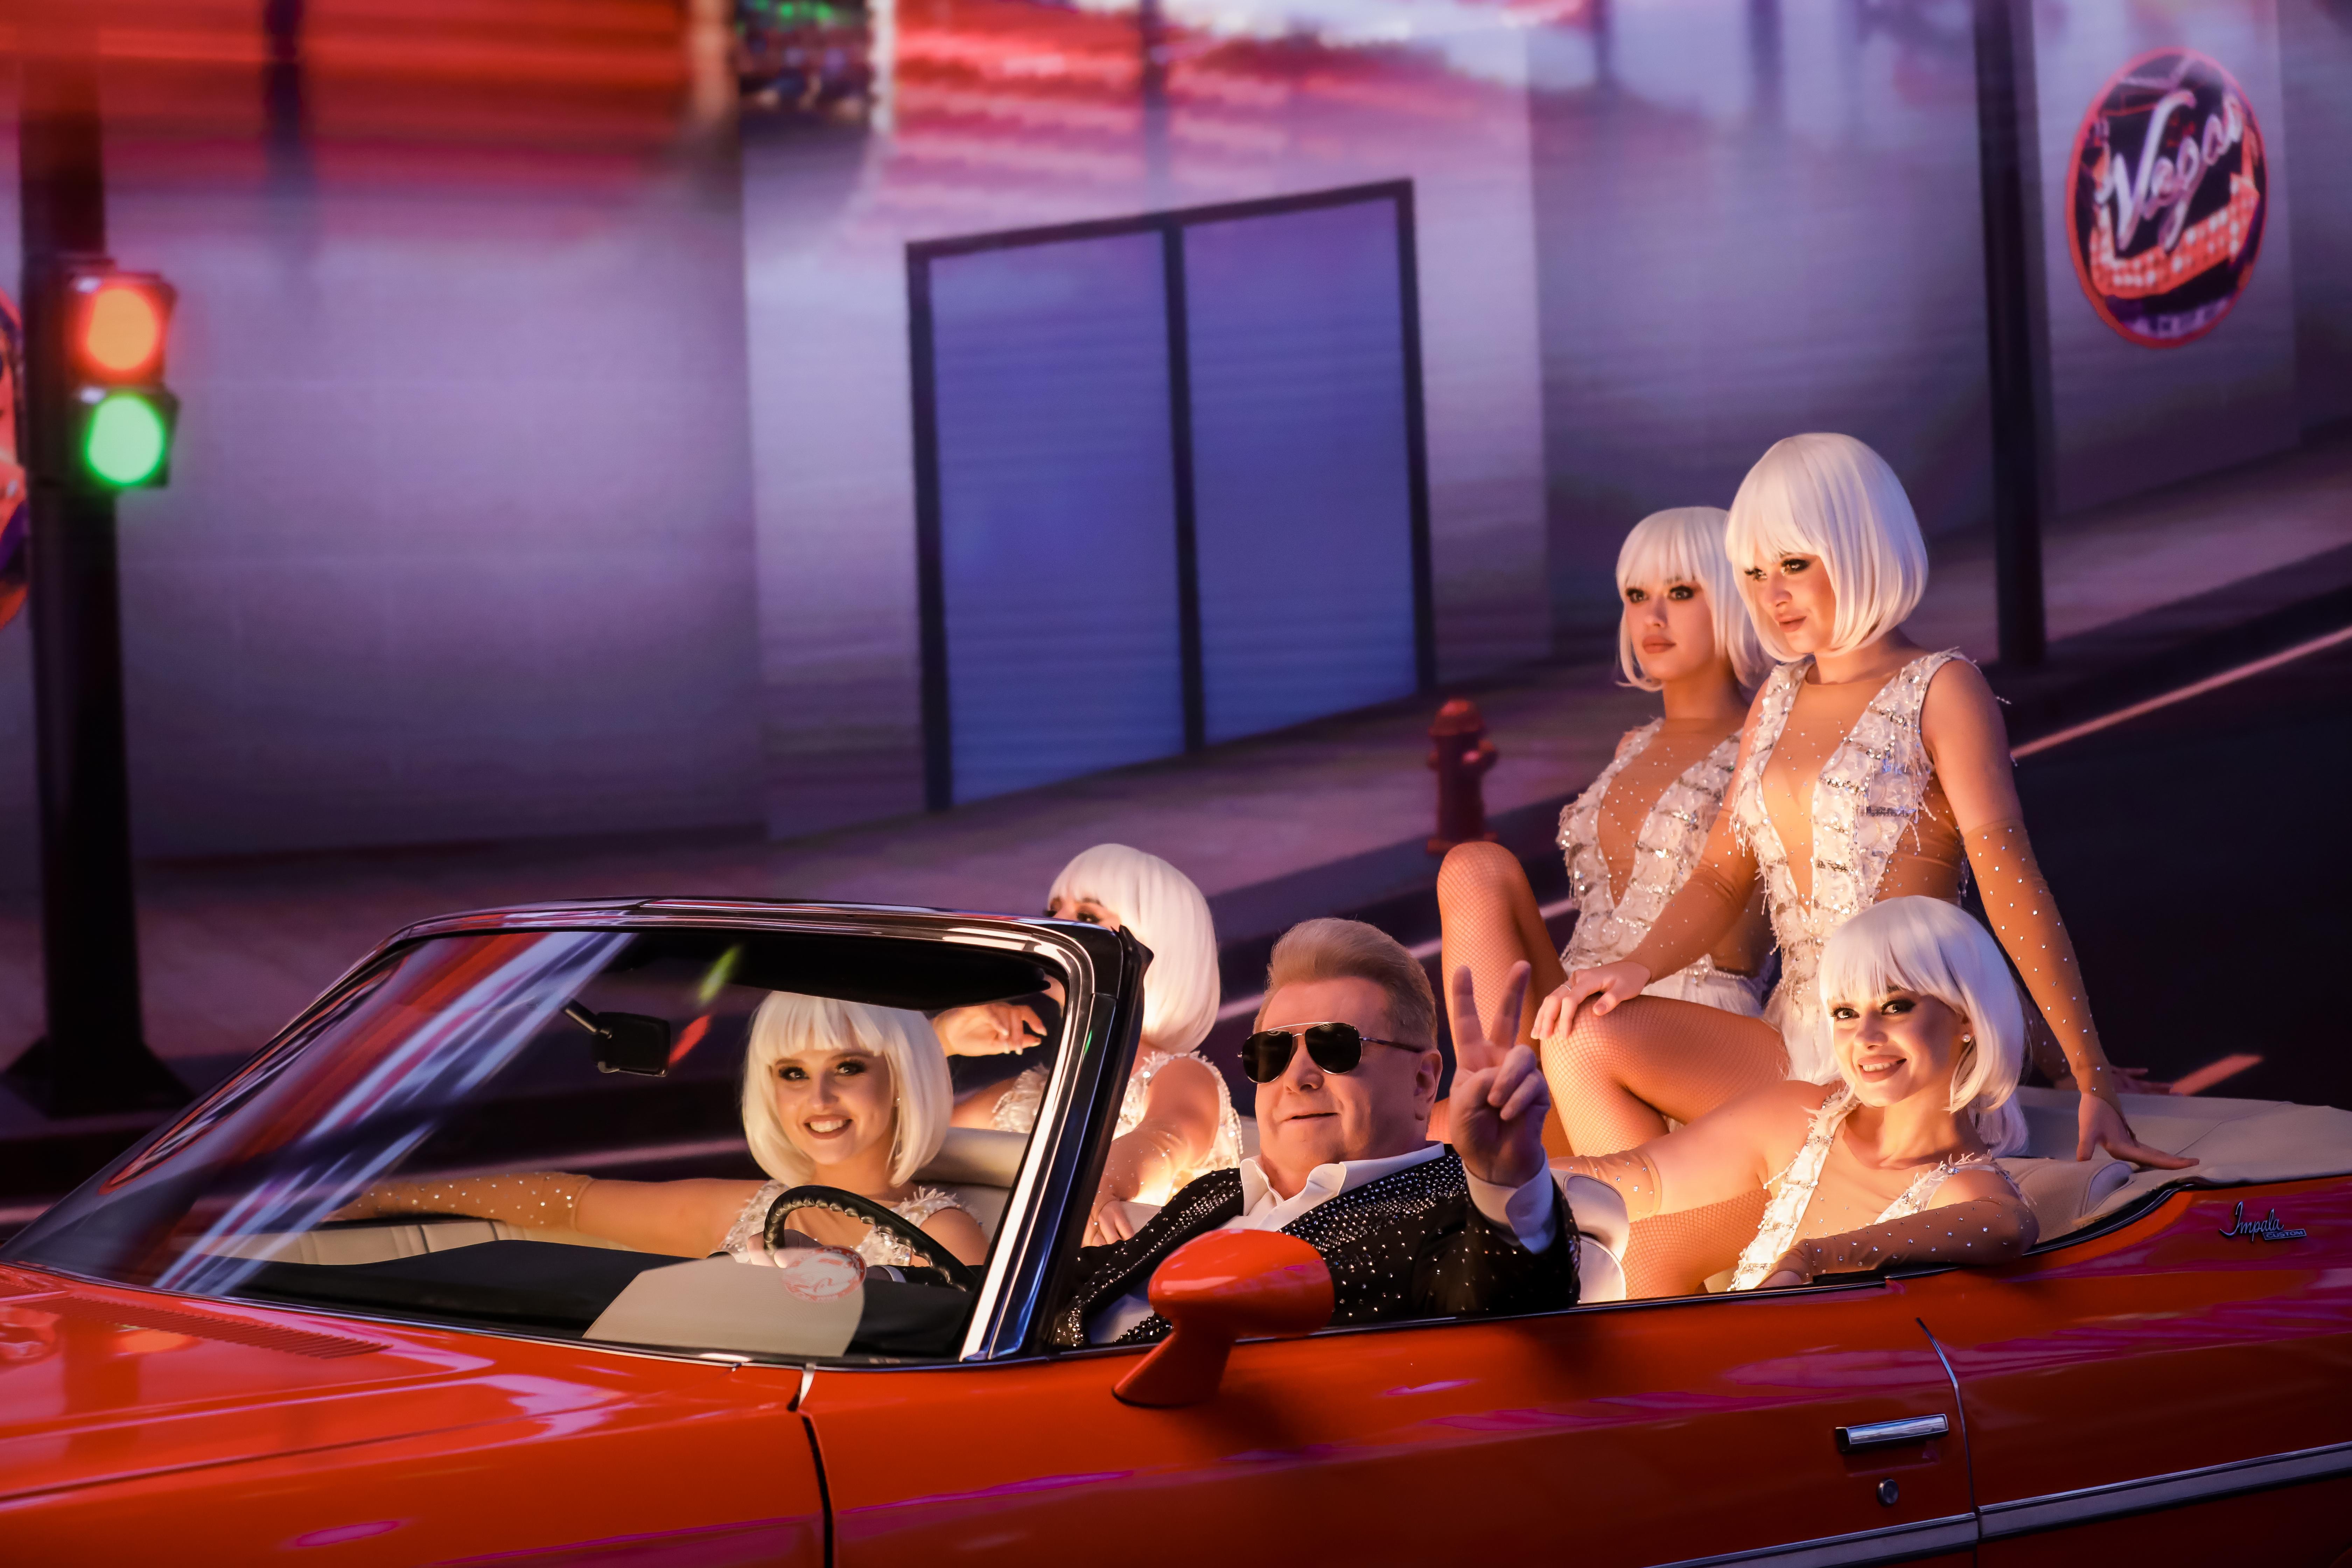 Раритетный кабриолет, танцы полуобнаженной красотки в бокале и блеск Голливуда: Михаил Поплавский выпустил новый яркий клип  - фото 2